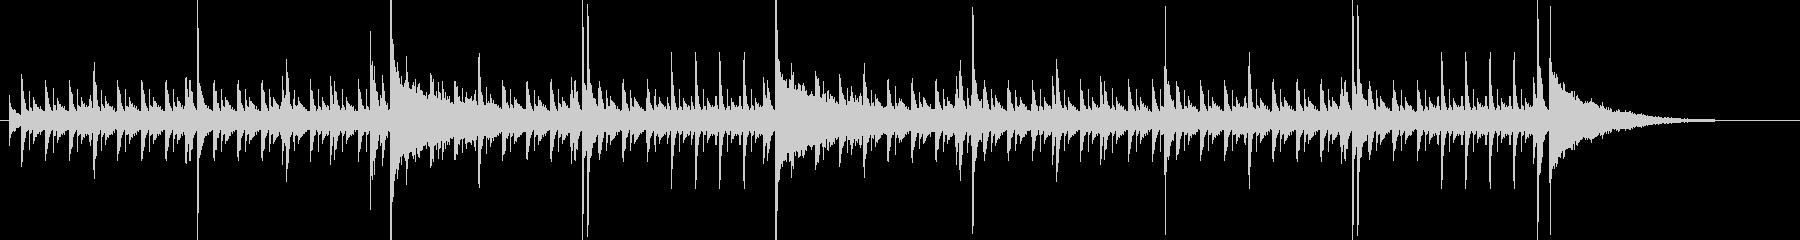 30秒・高速ジャズ・ドラムソロの未再生の波形